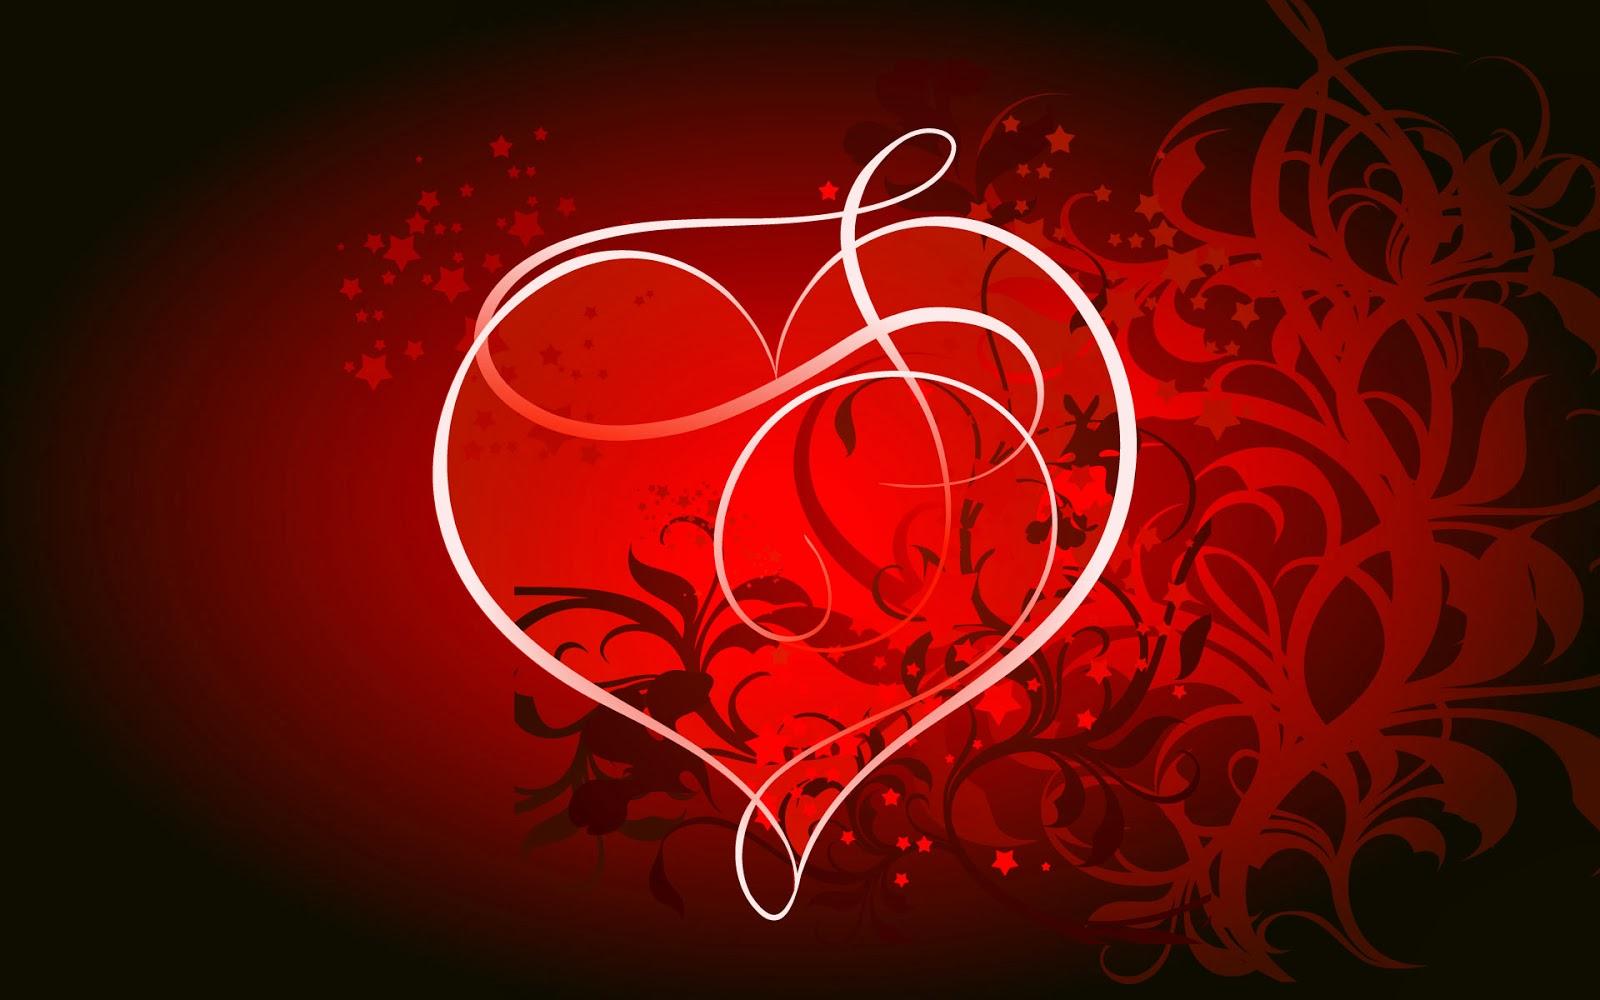 Fondos De Pantalla Gratis San Valentin 16: Imagenes Y Wallpapers: Fondo De Pantalla Dia De San